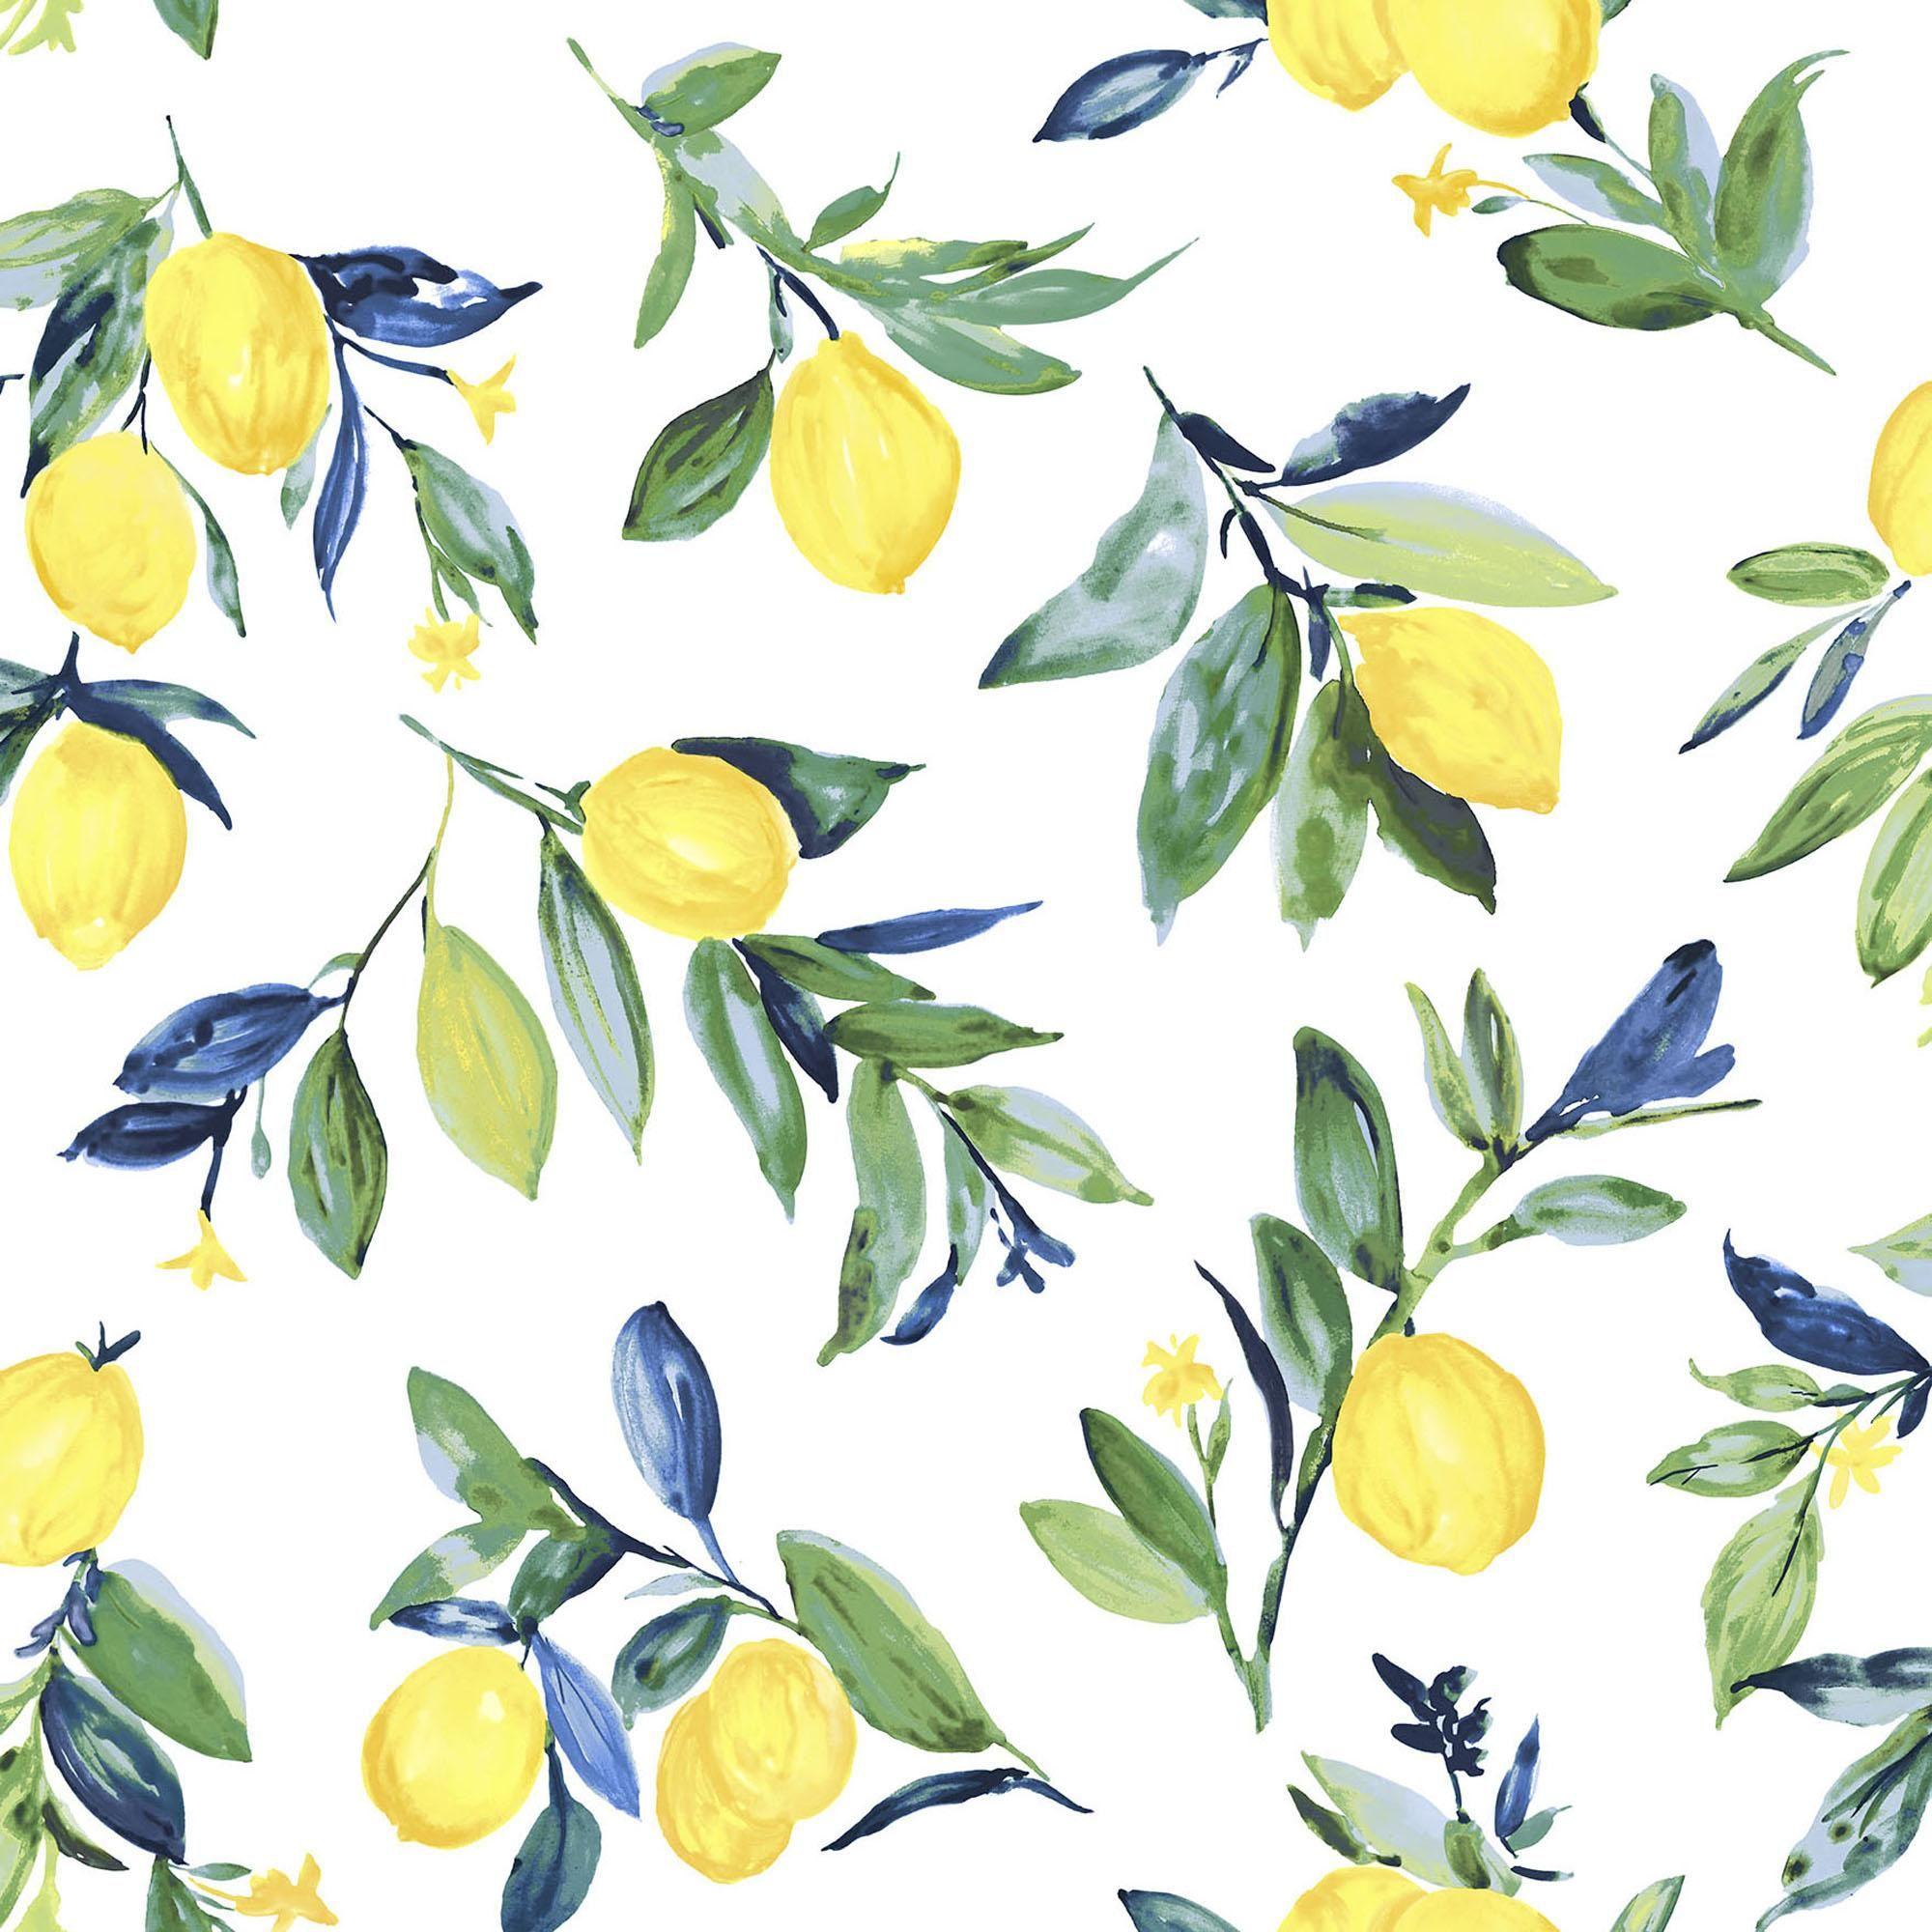 Nuwallpaper Lemon Drop Self Adhesive Wallpaper Brewster Wallpaper Peel And Stick Wallpaper Fruit Wallpaper